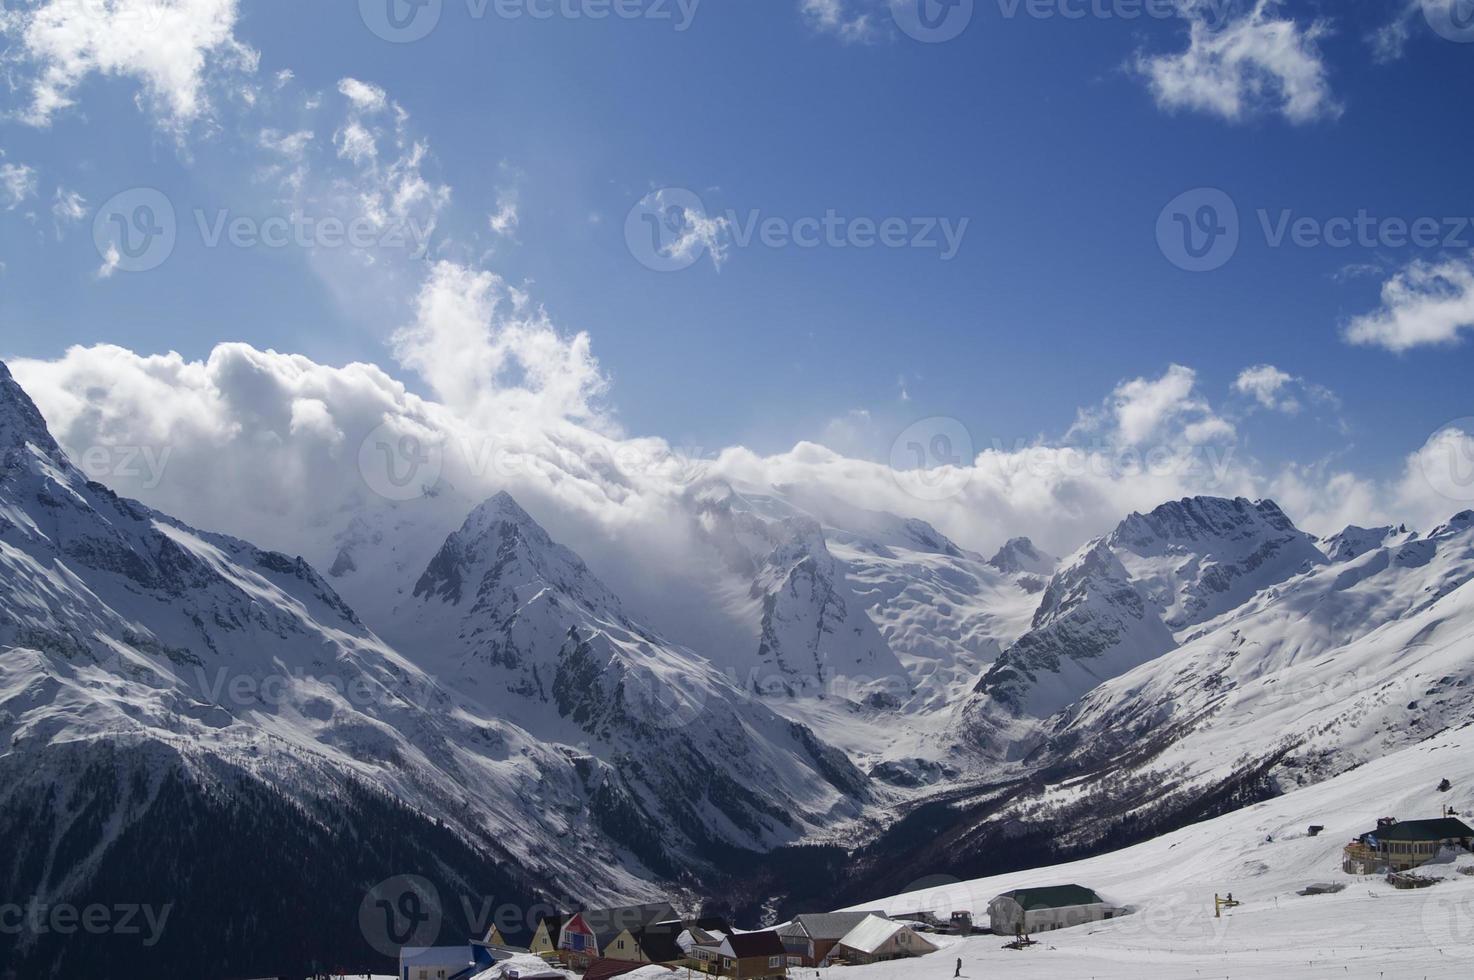 café et hôtels en haute montagne. station de ski. photo